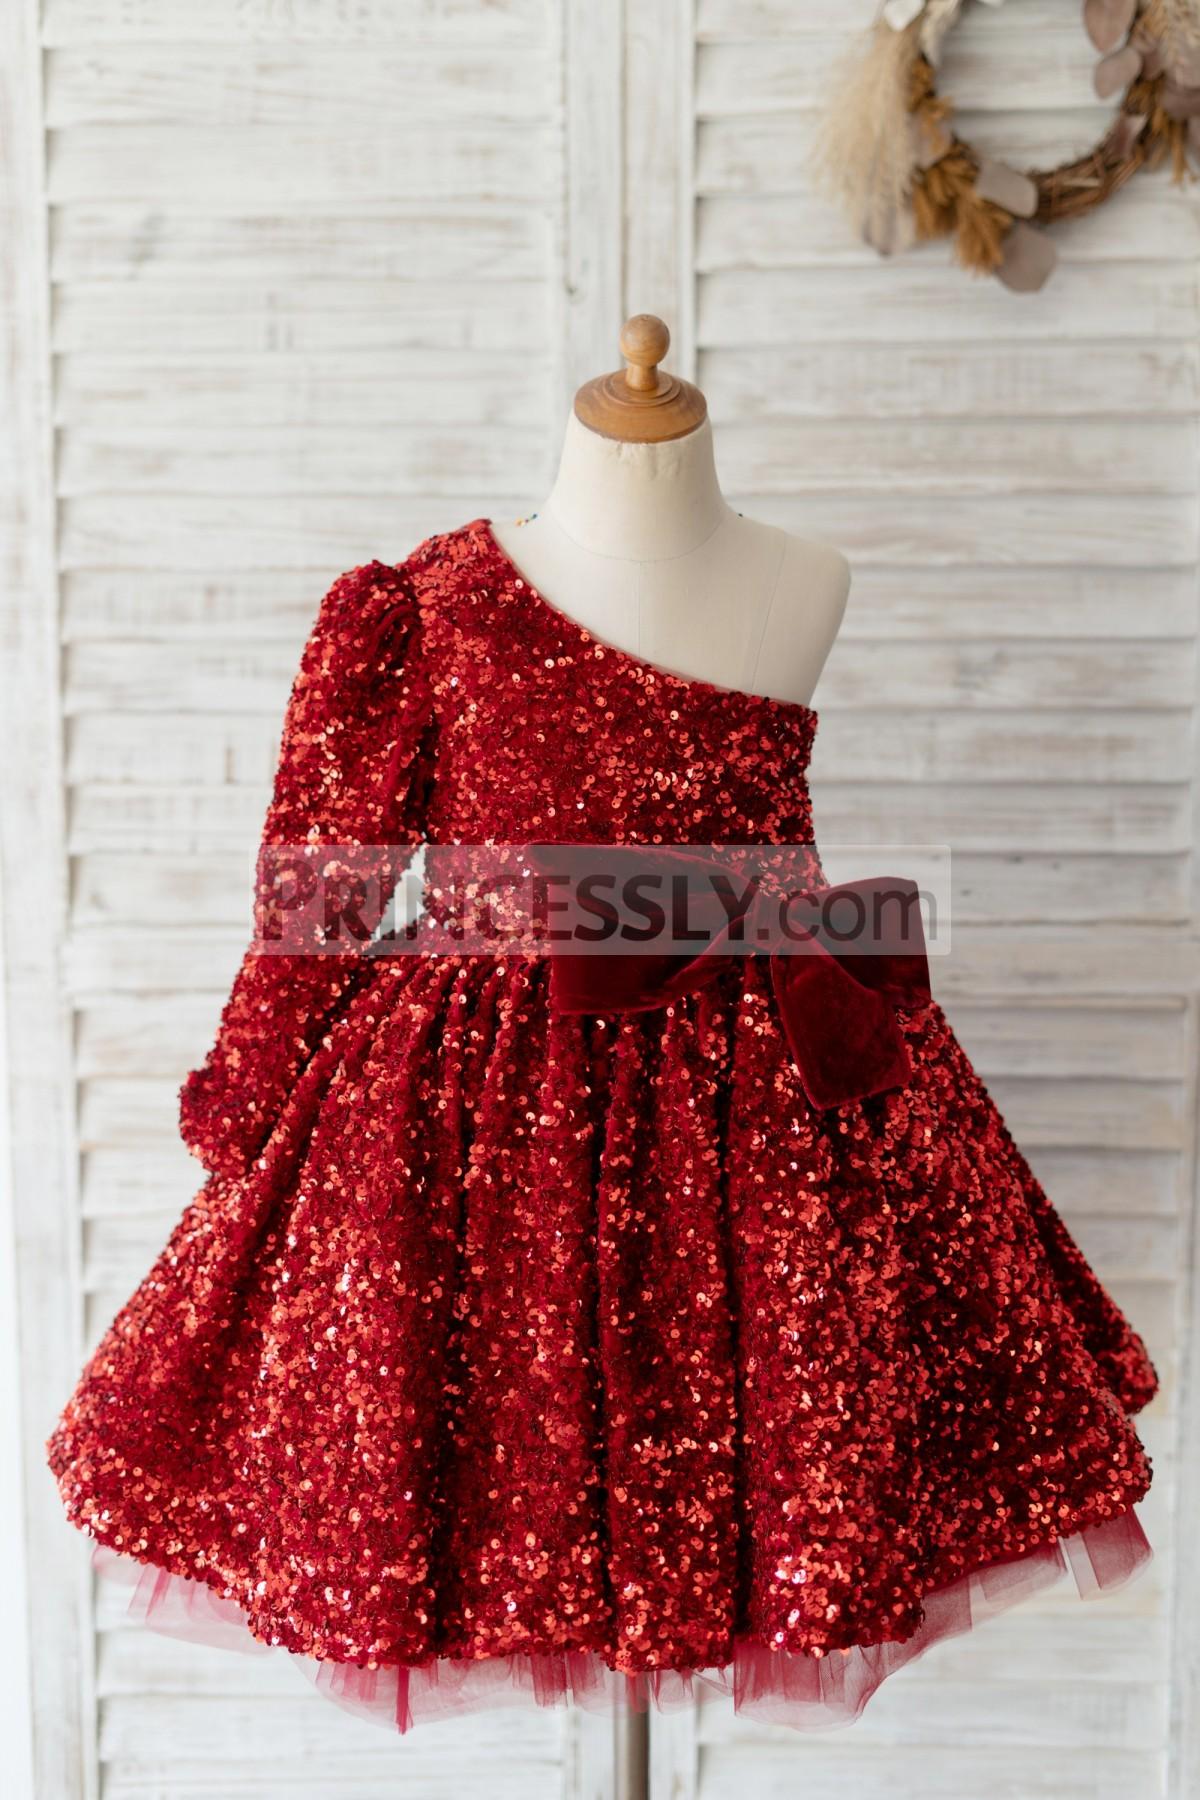 Princessly.com-K1004128-One Shoulder Burgundy Sequin Long Sleeves Wedding Flower Girl Dress Kids Party Dress-31